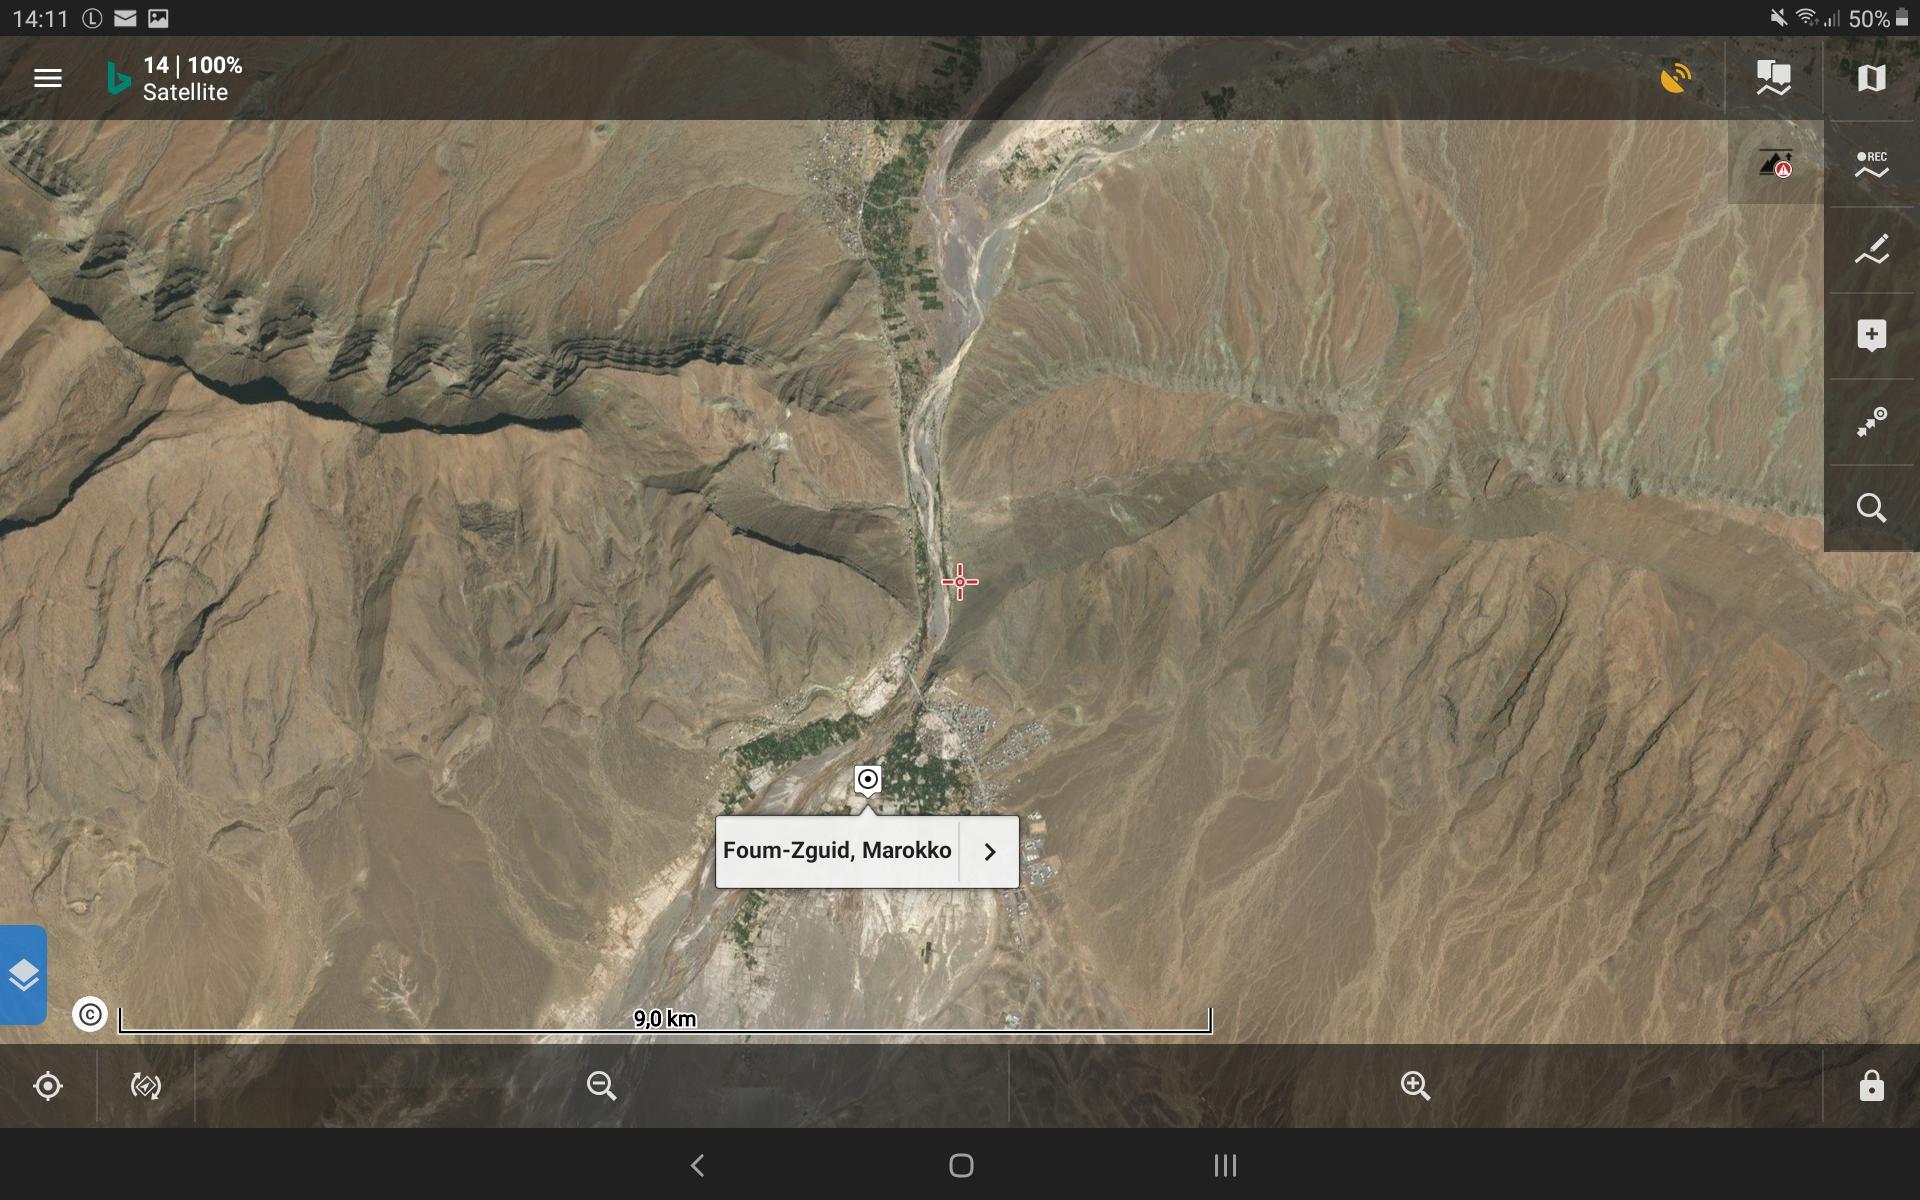 Bing Satellitenkarte